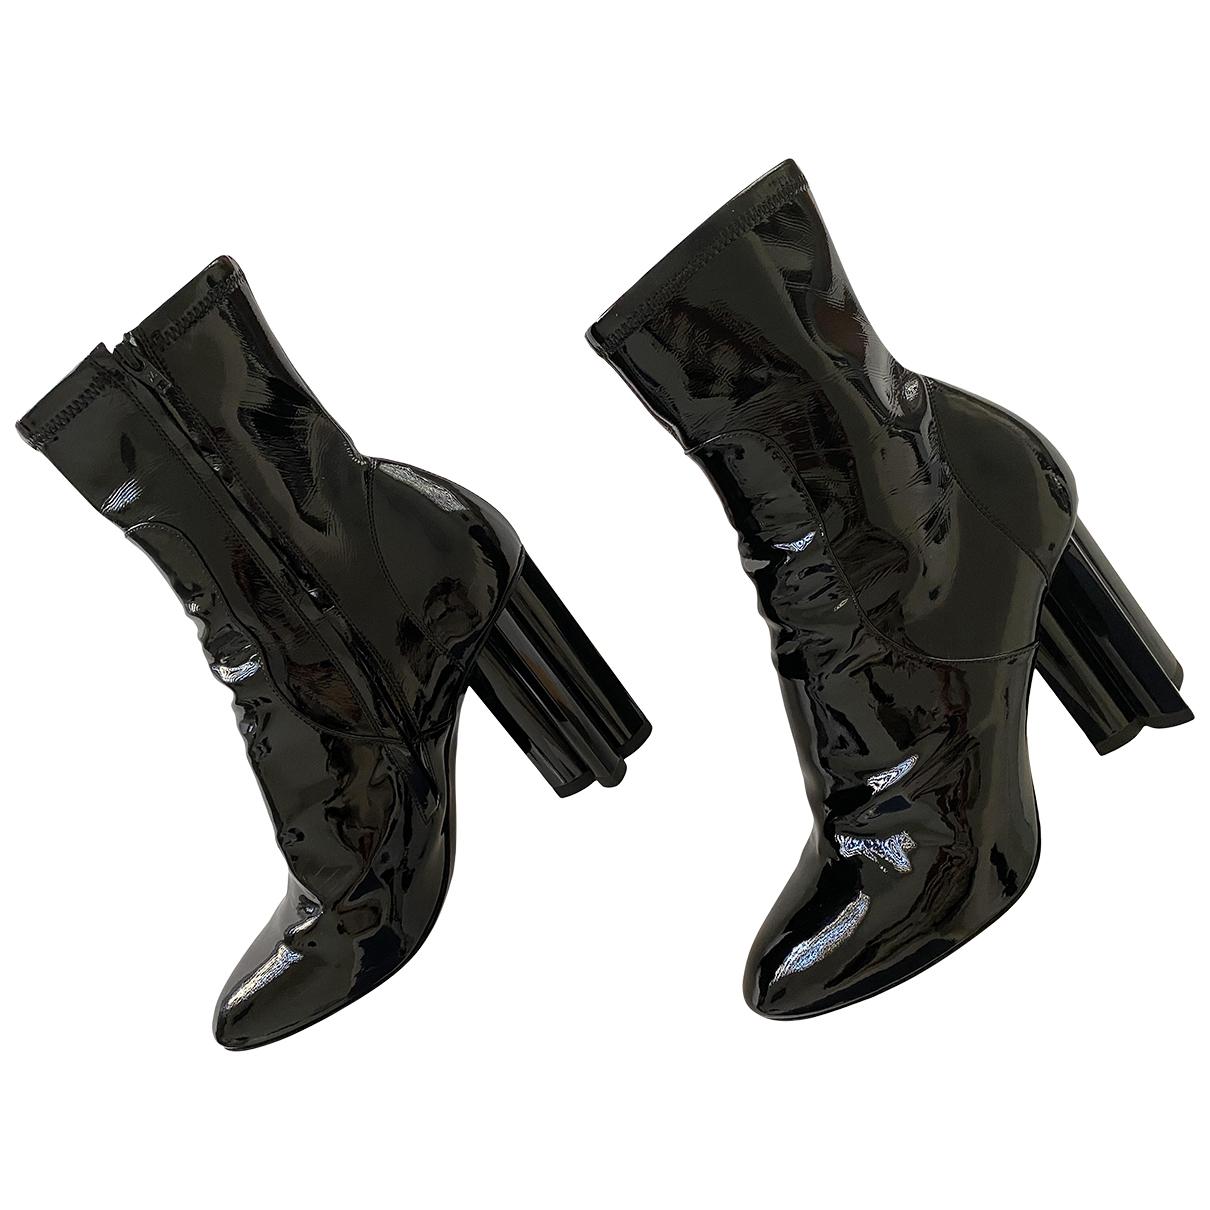 Louis Vuitton - Boots Silhouette pour femme en cuir verni - noir